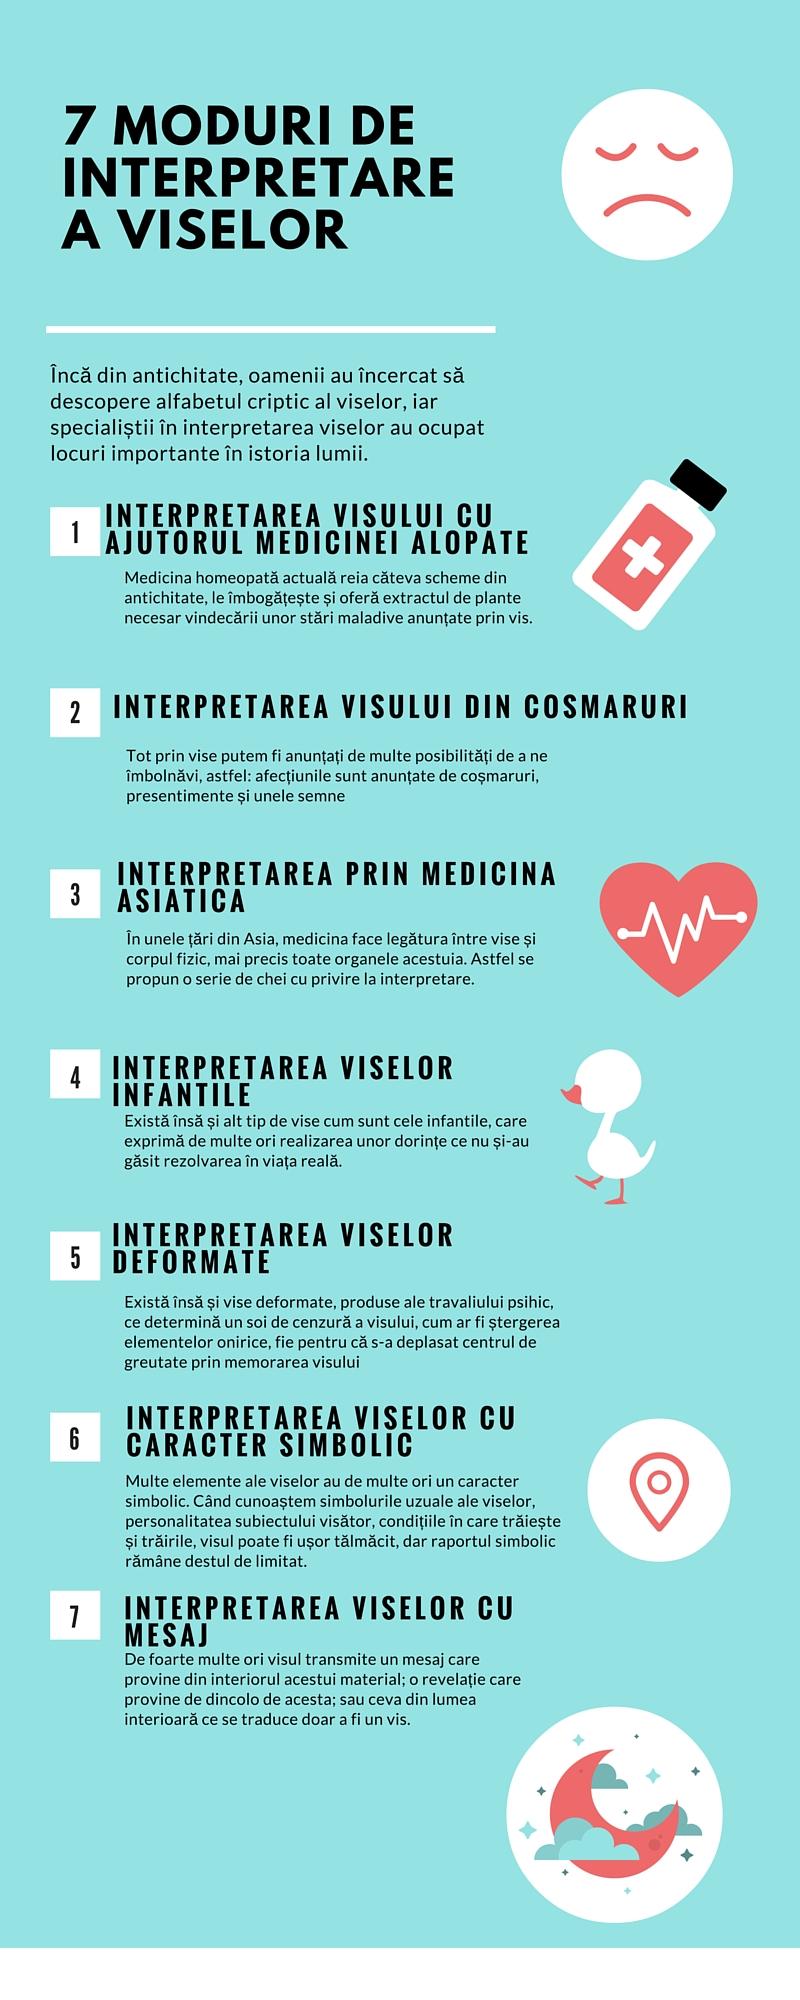 7 Moduri de Interpretare a Viselor(1)